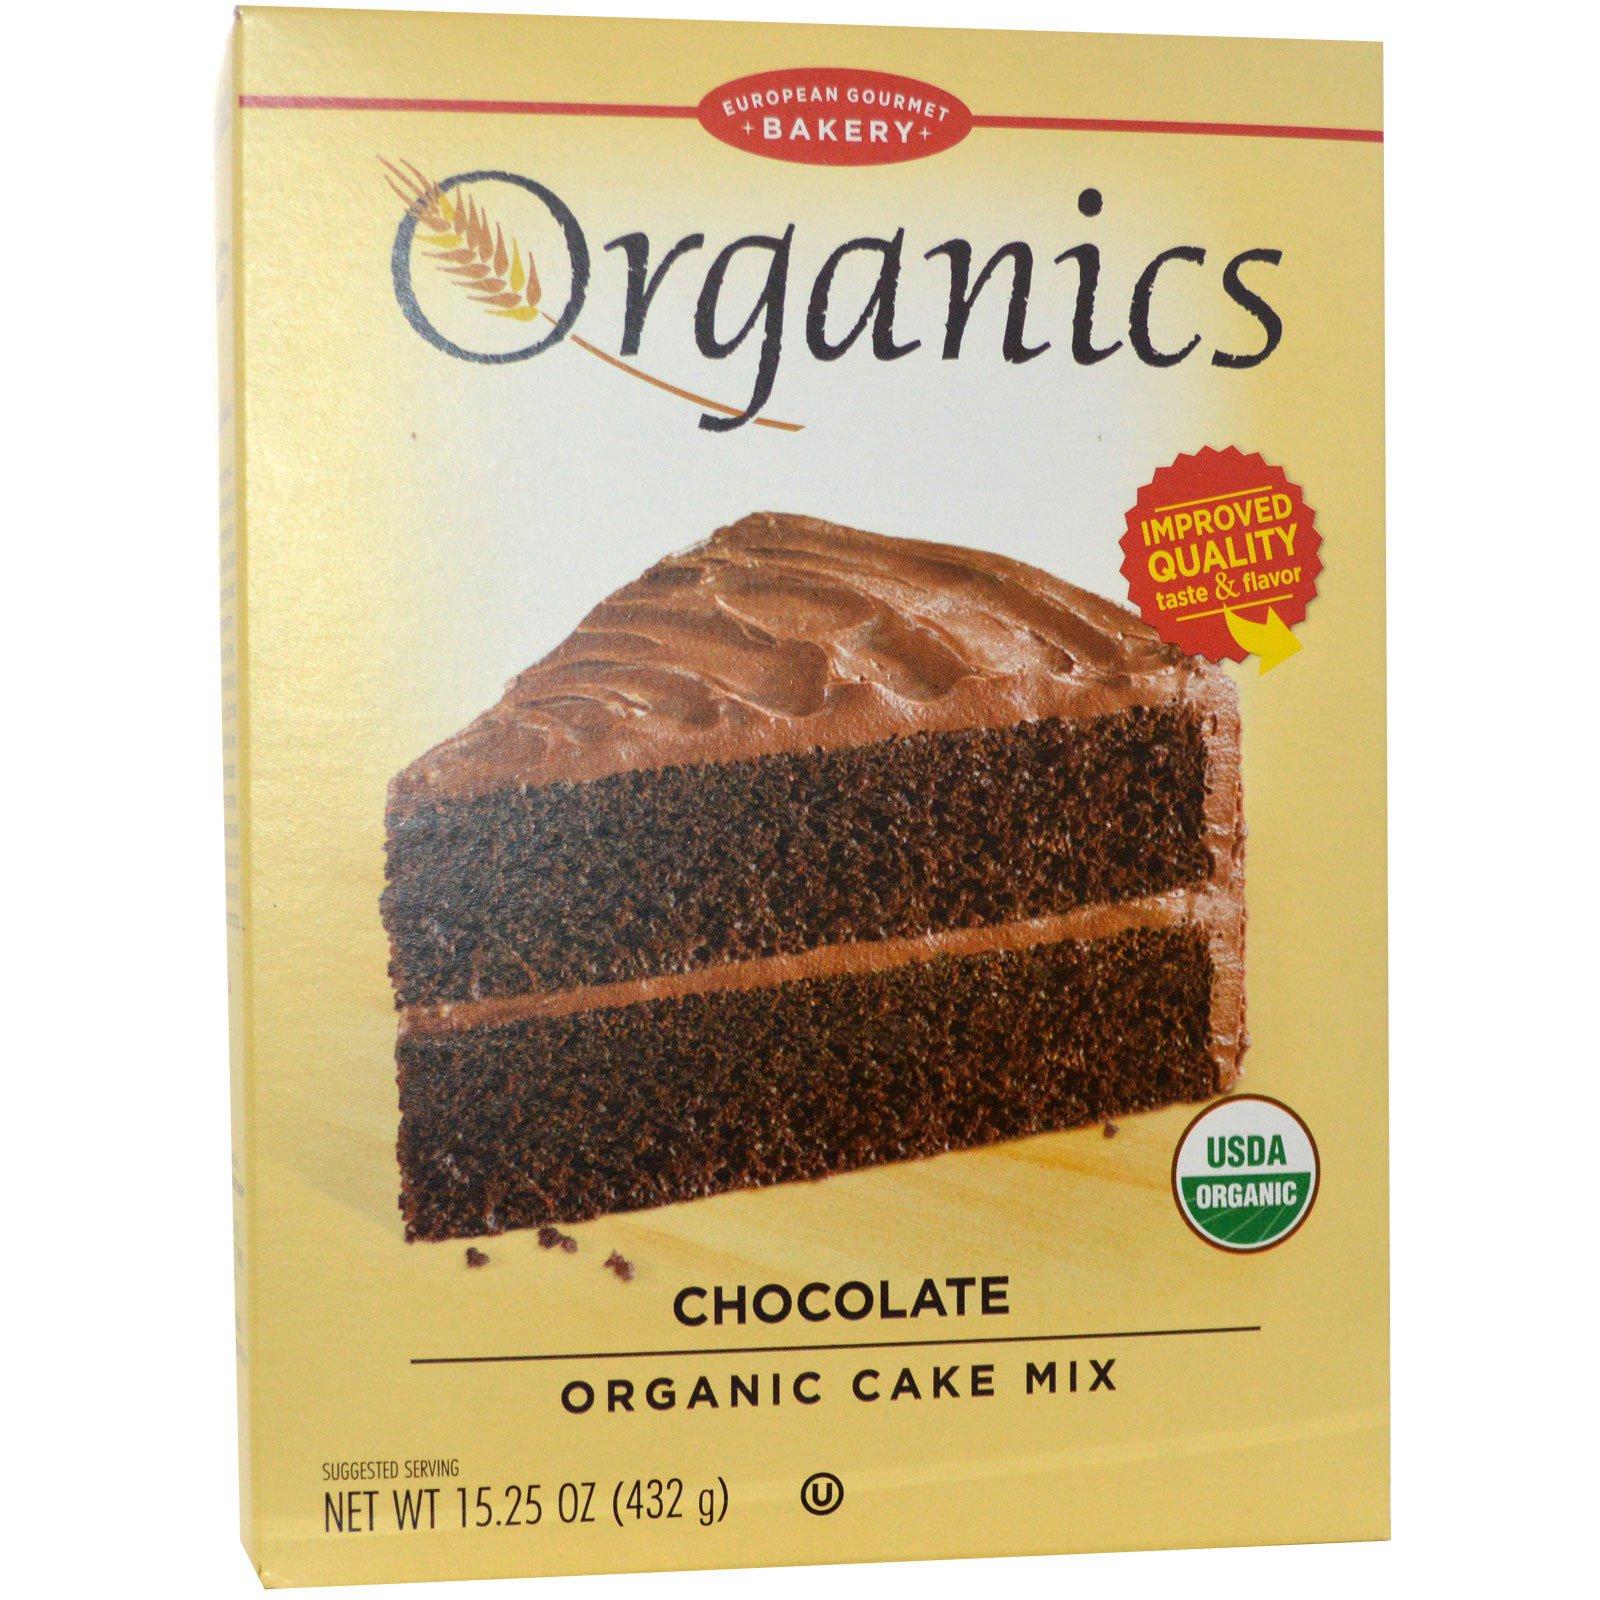 European Gourmet Bakery, Органикс, смесь для торта, шоколадная, 432 г